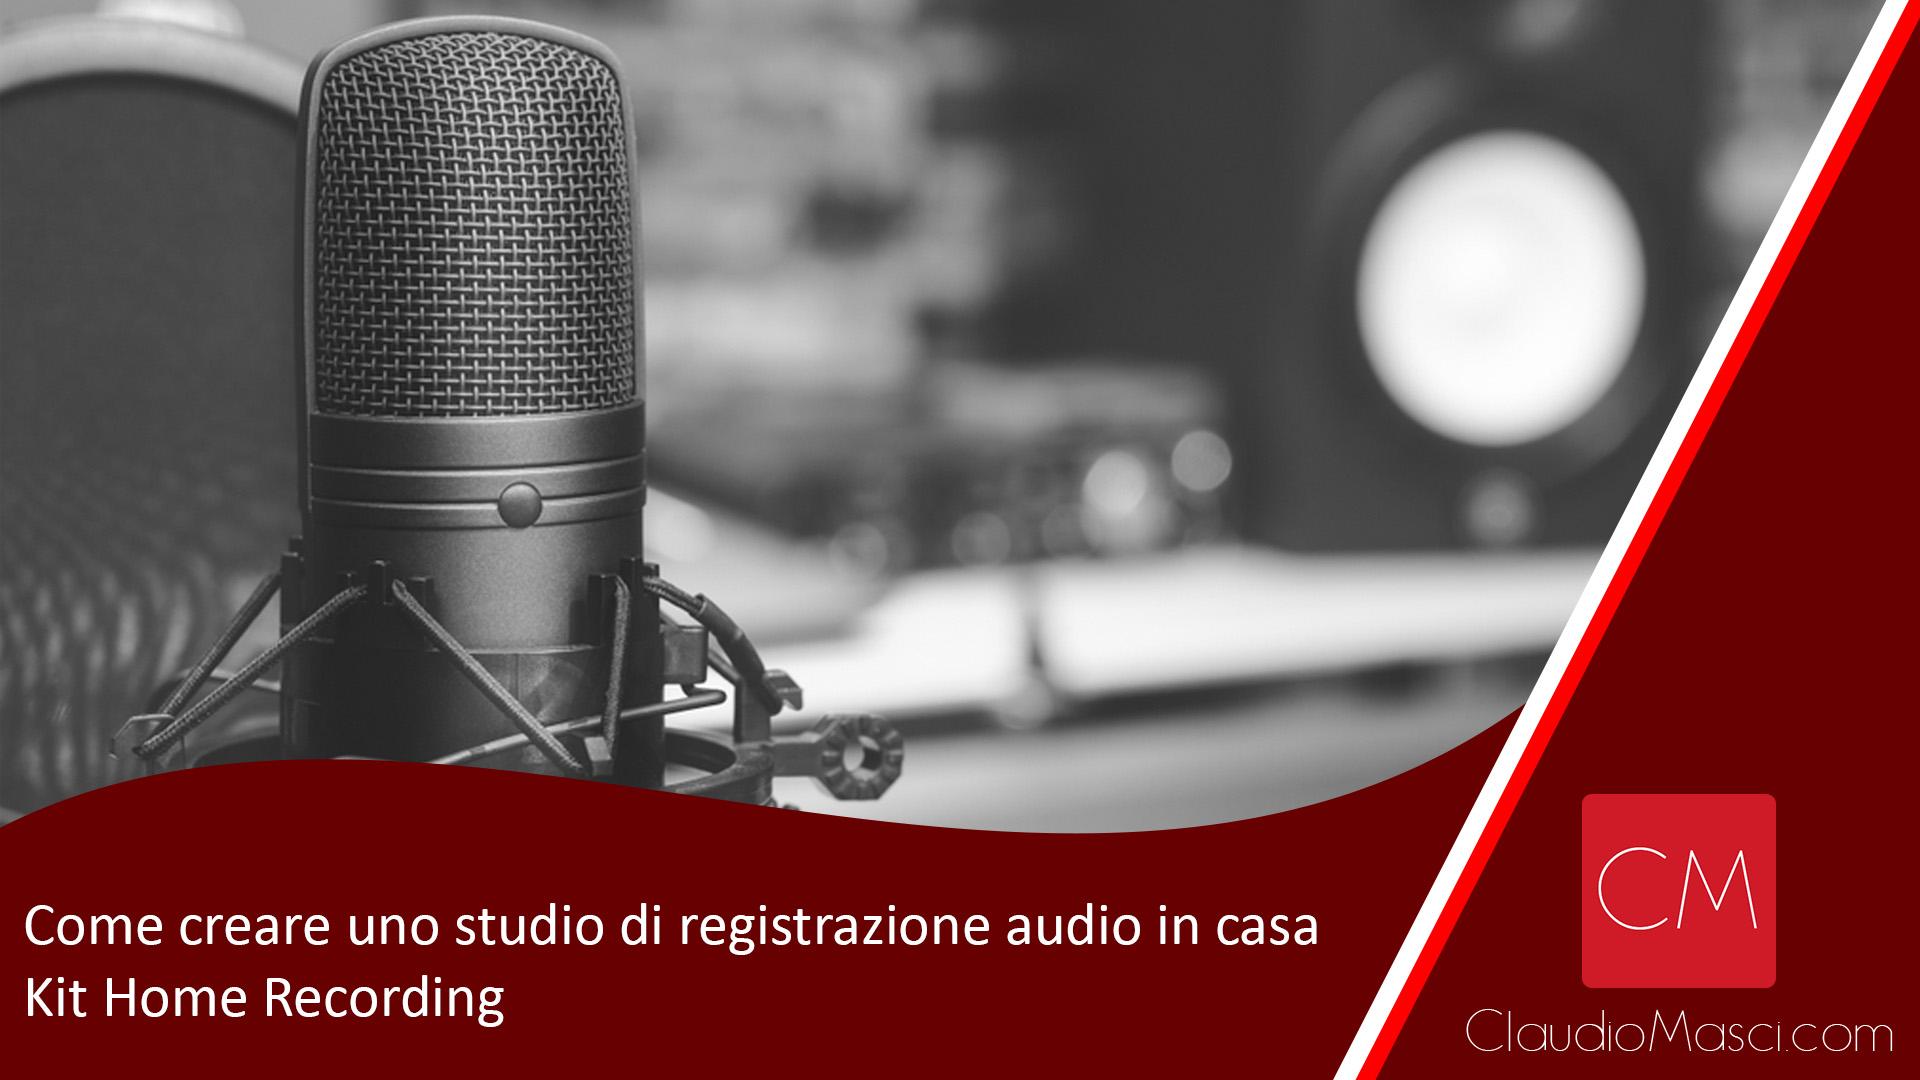 Come creare uno studio di registrazione audio in casa | Kit Home Recording